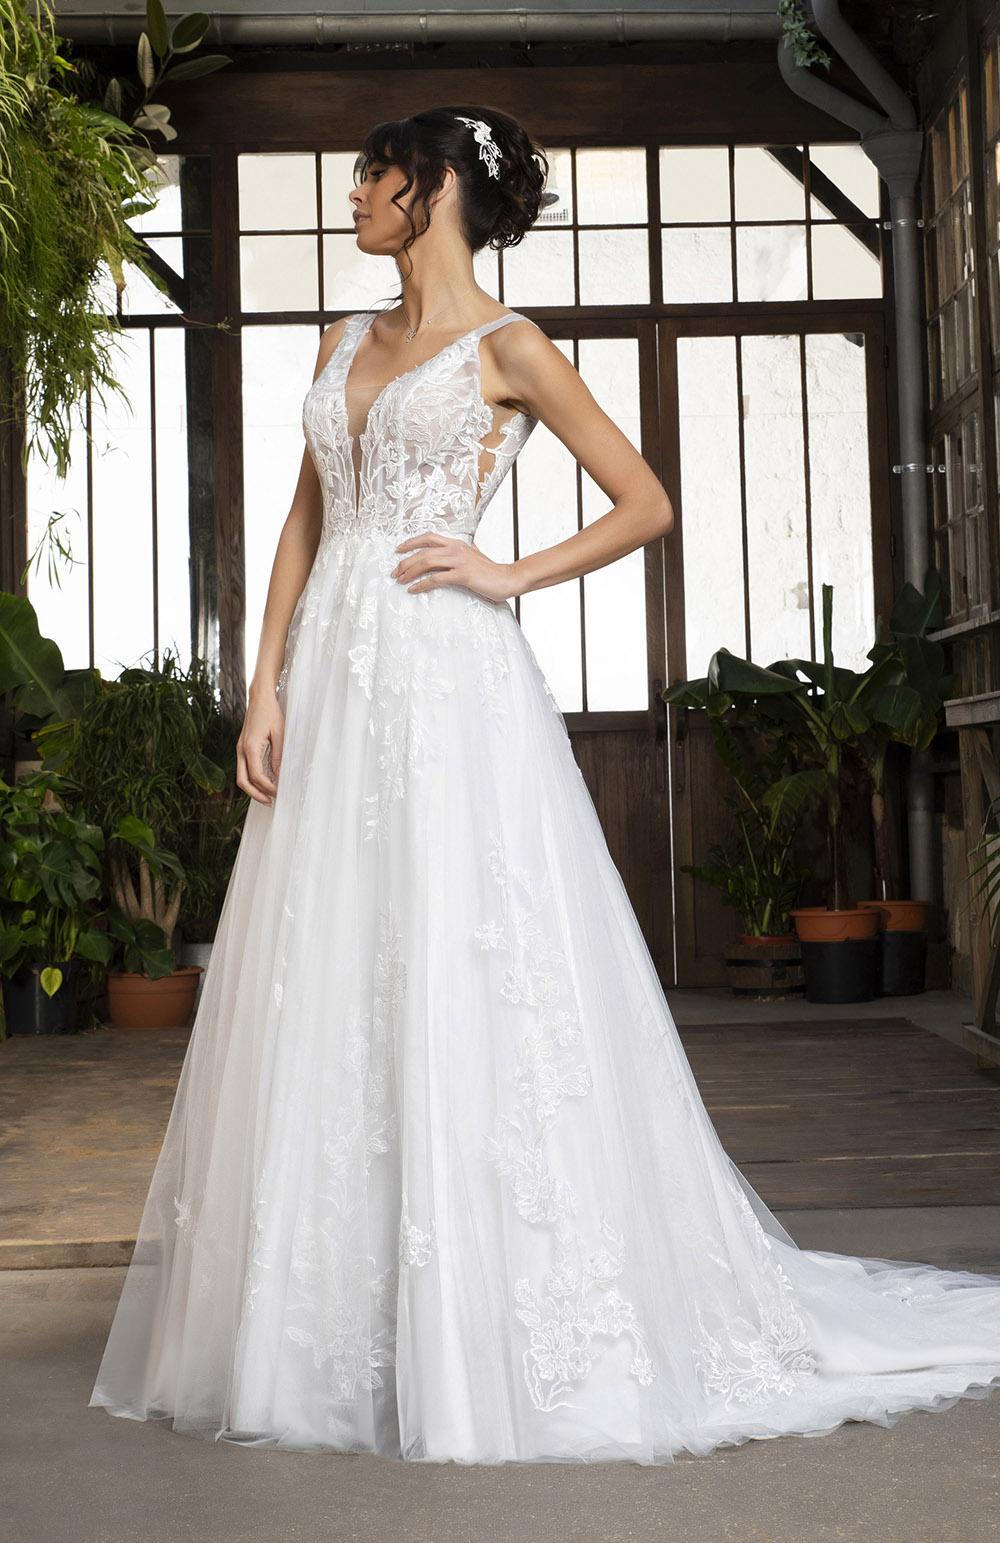 Robe de mariée Modèle Carless